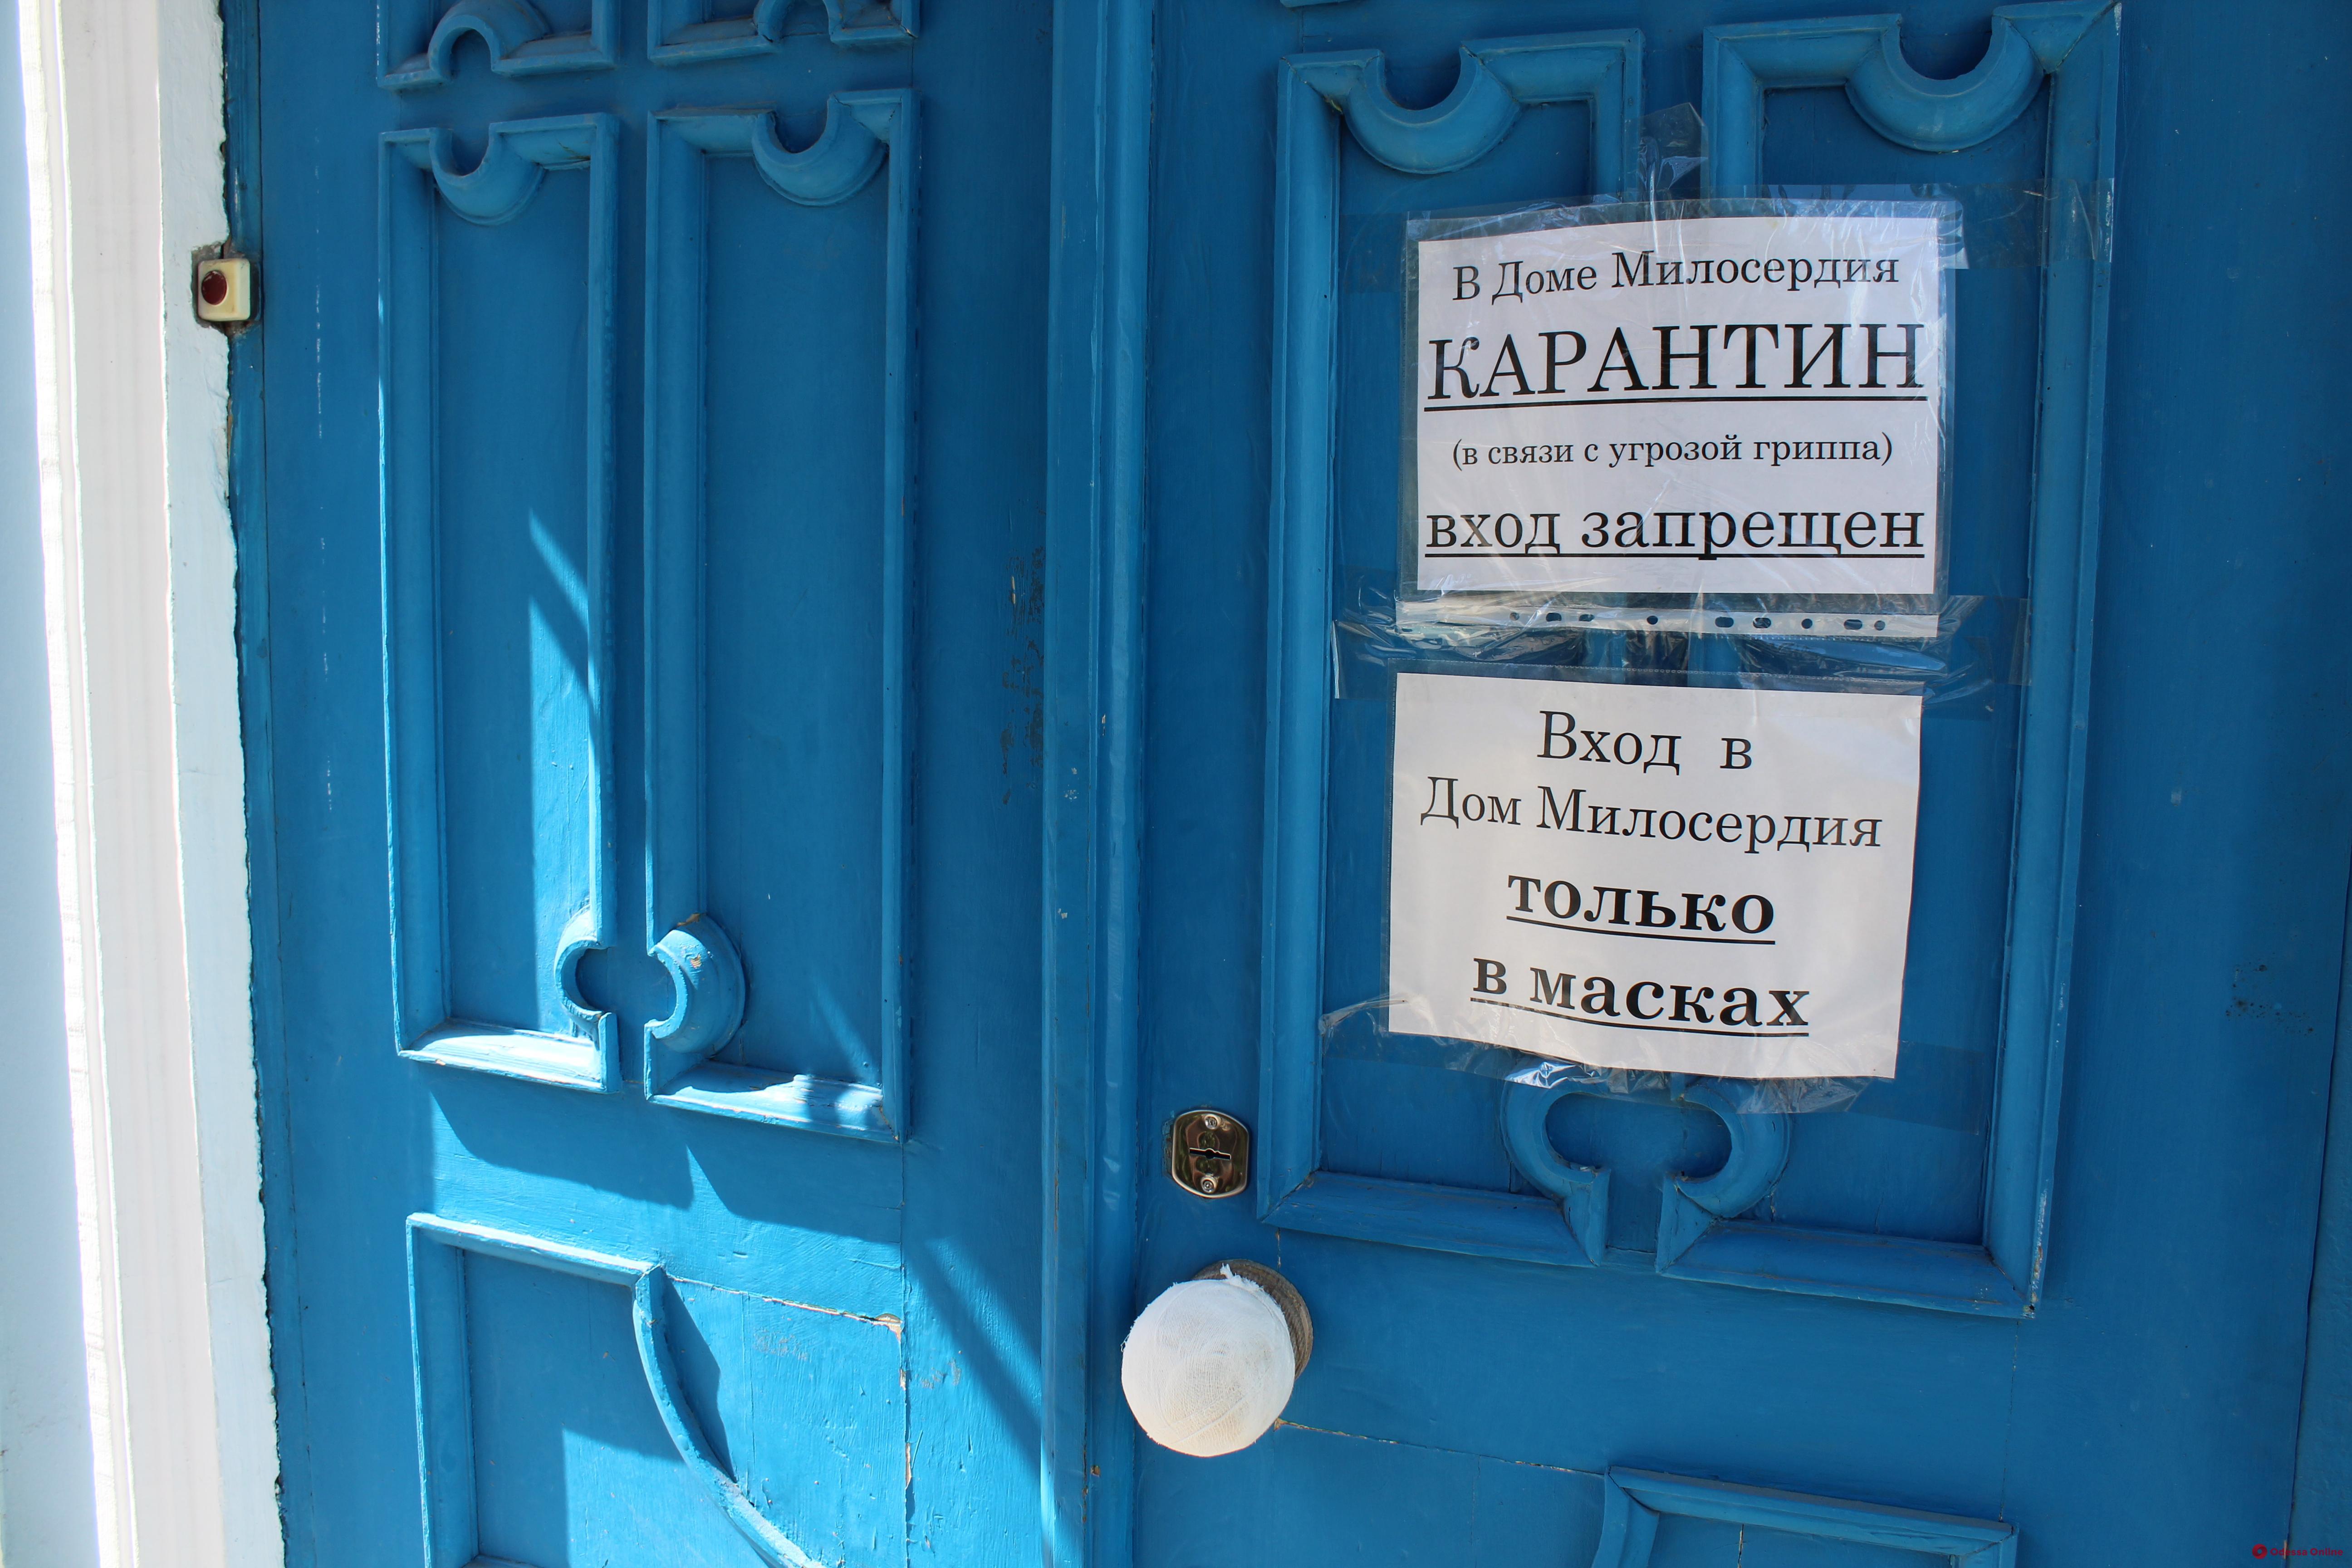 Молитва, безопасность и социальное служение: матушка Серафима о том, как живет в период карантина Свято-Архангело-Михайловский монастырь